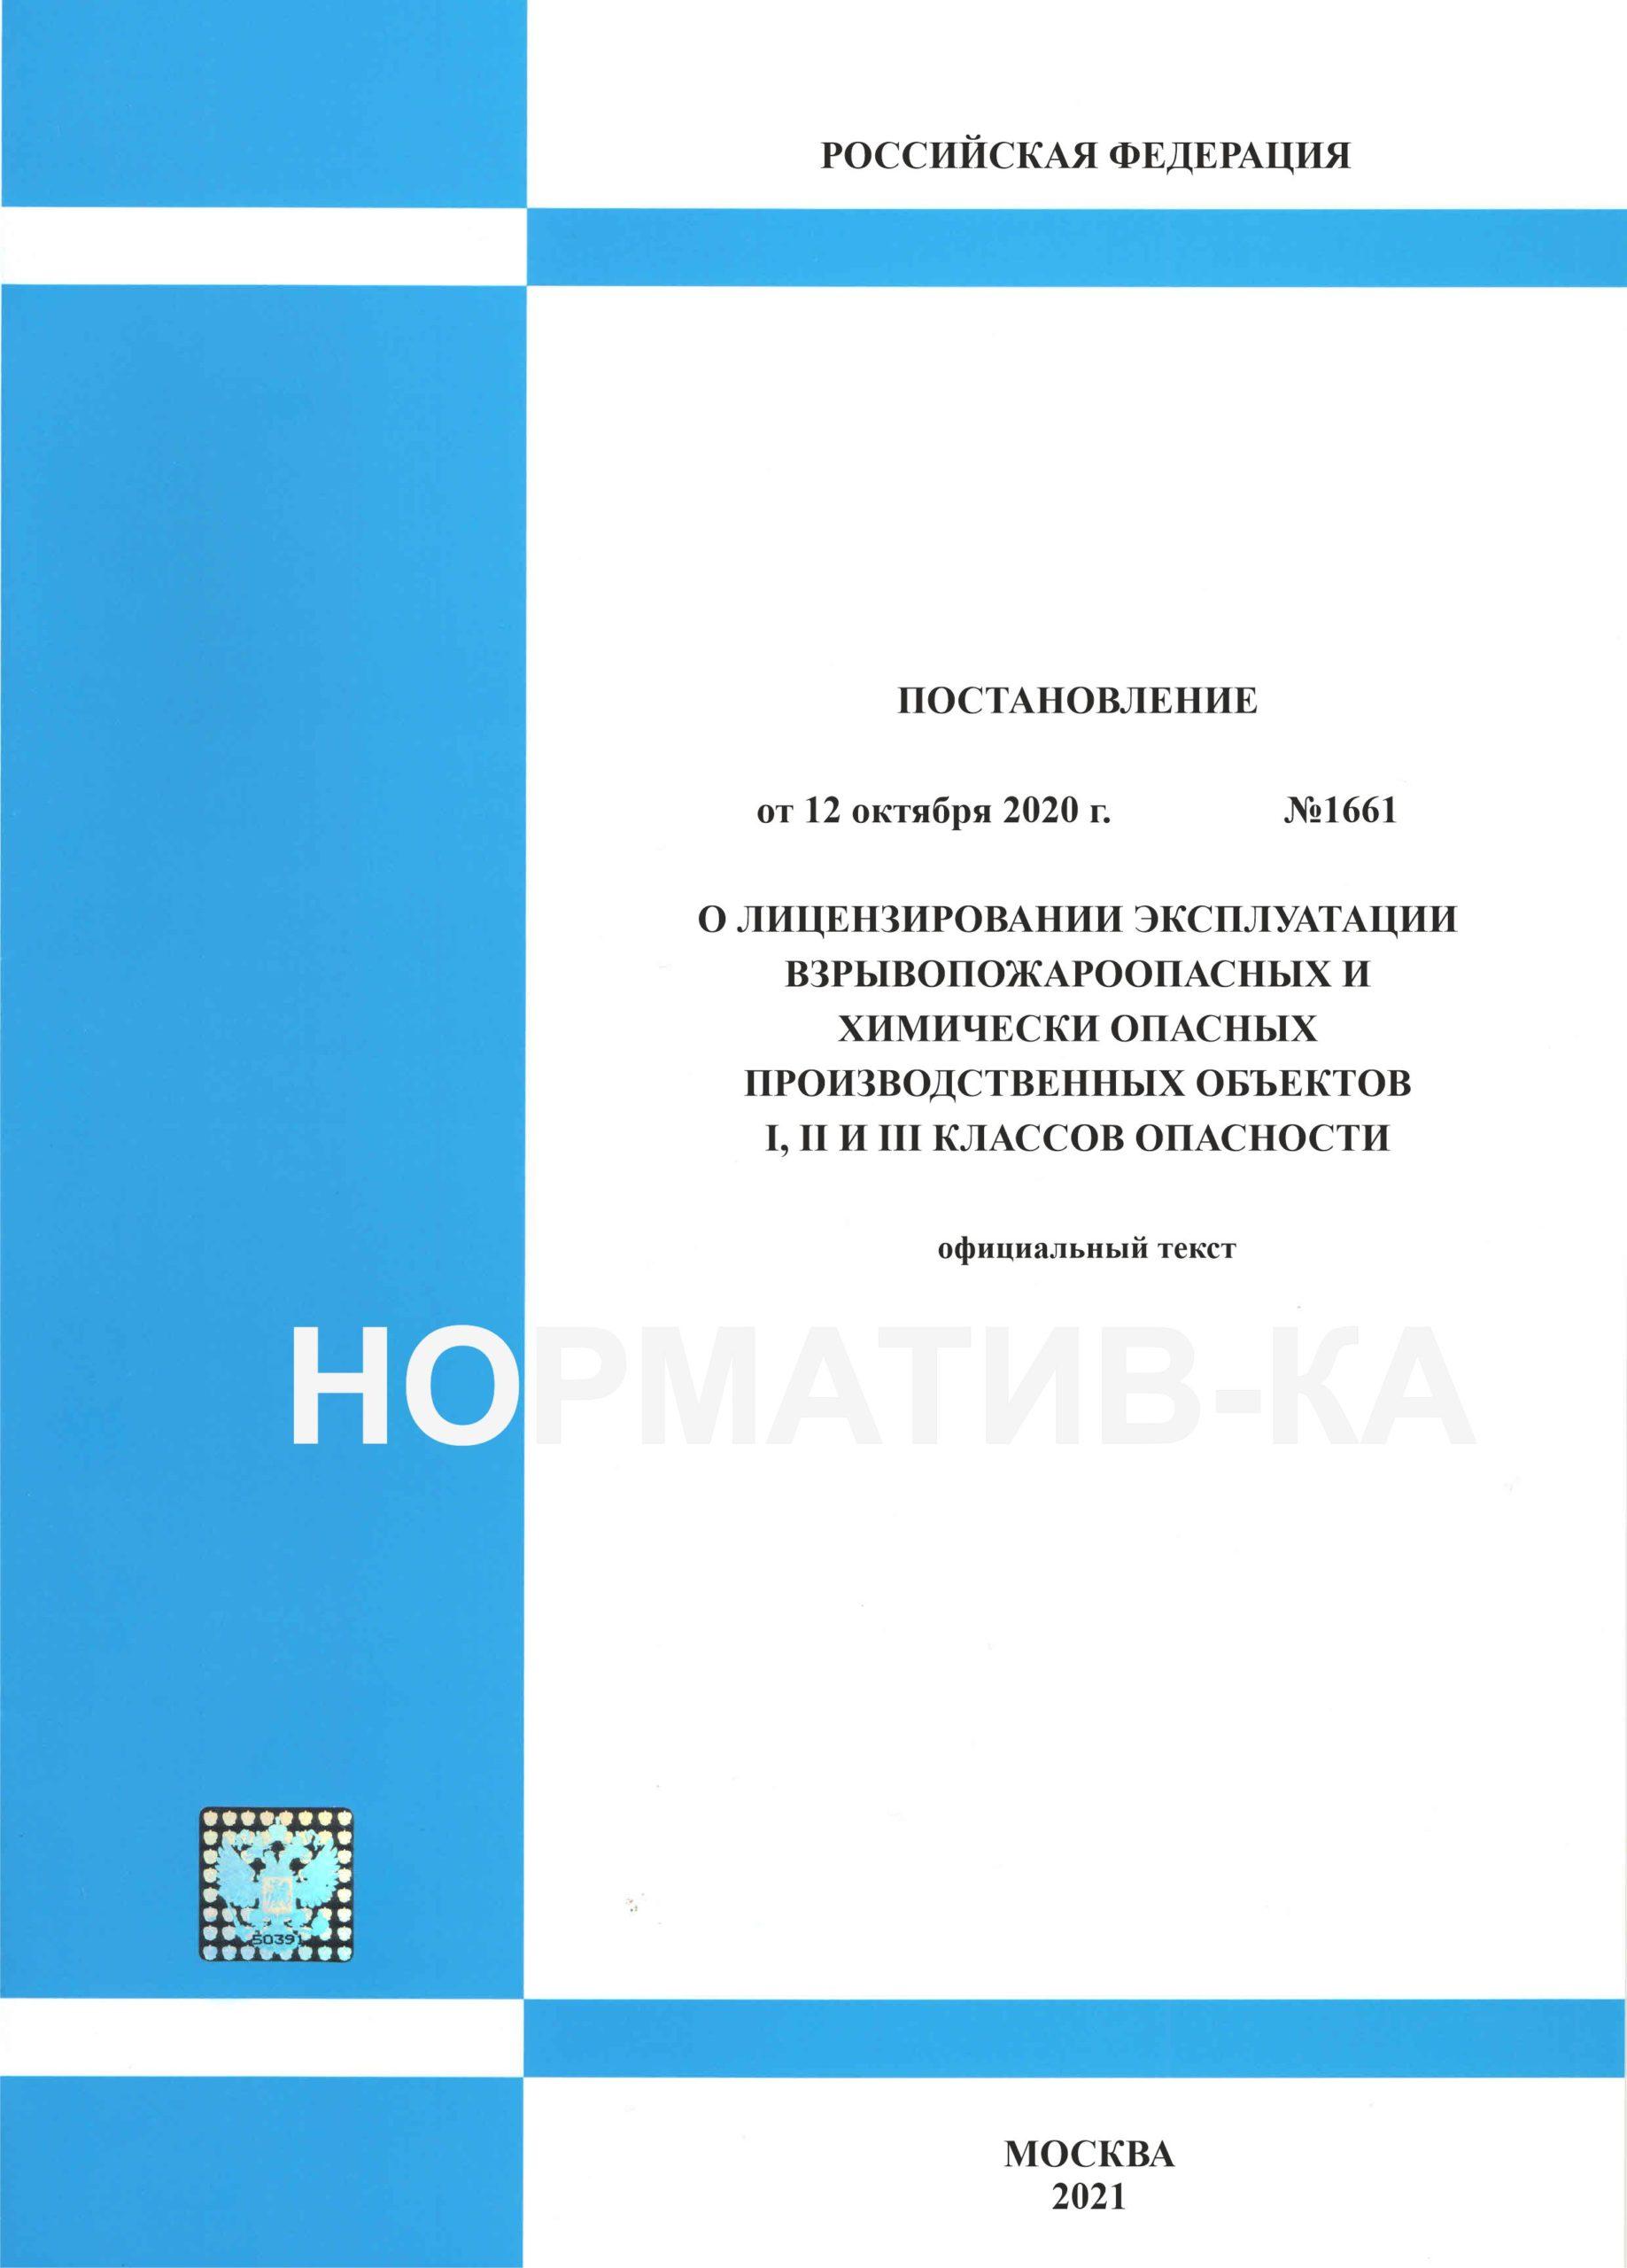 Постановление №1661